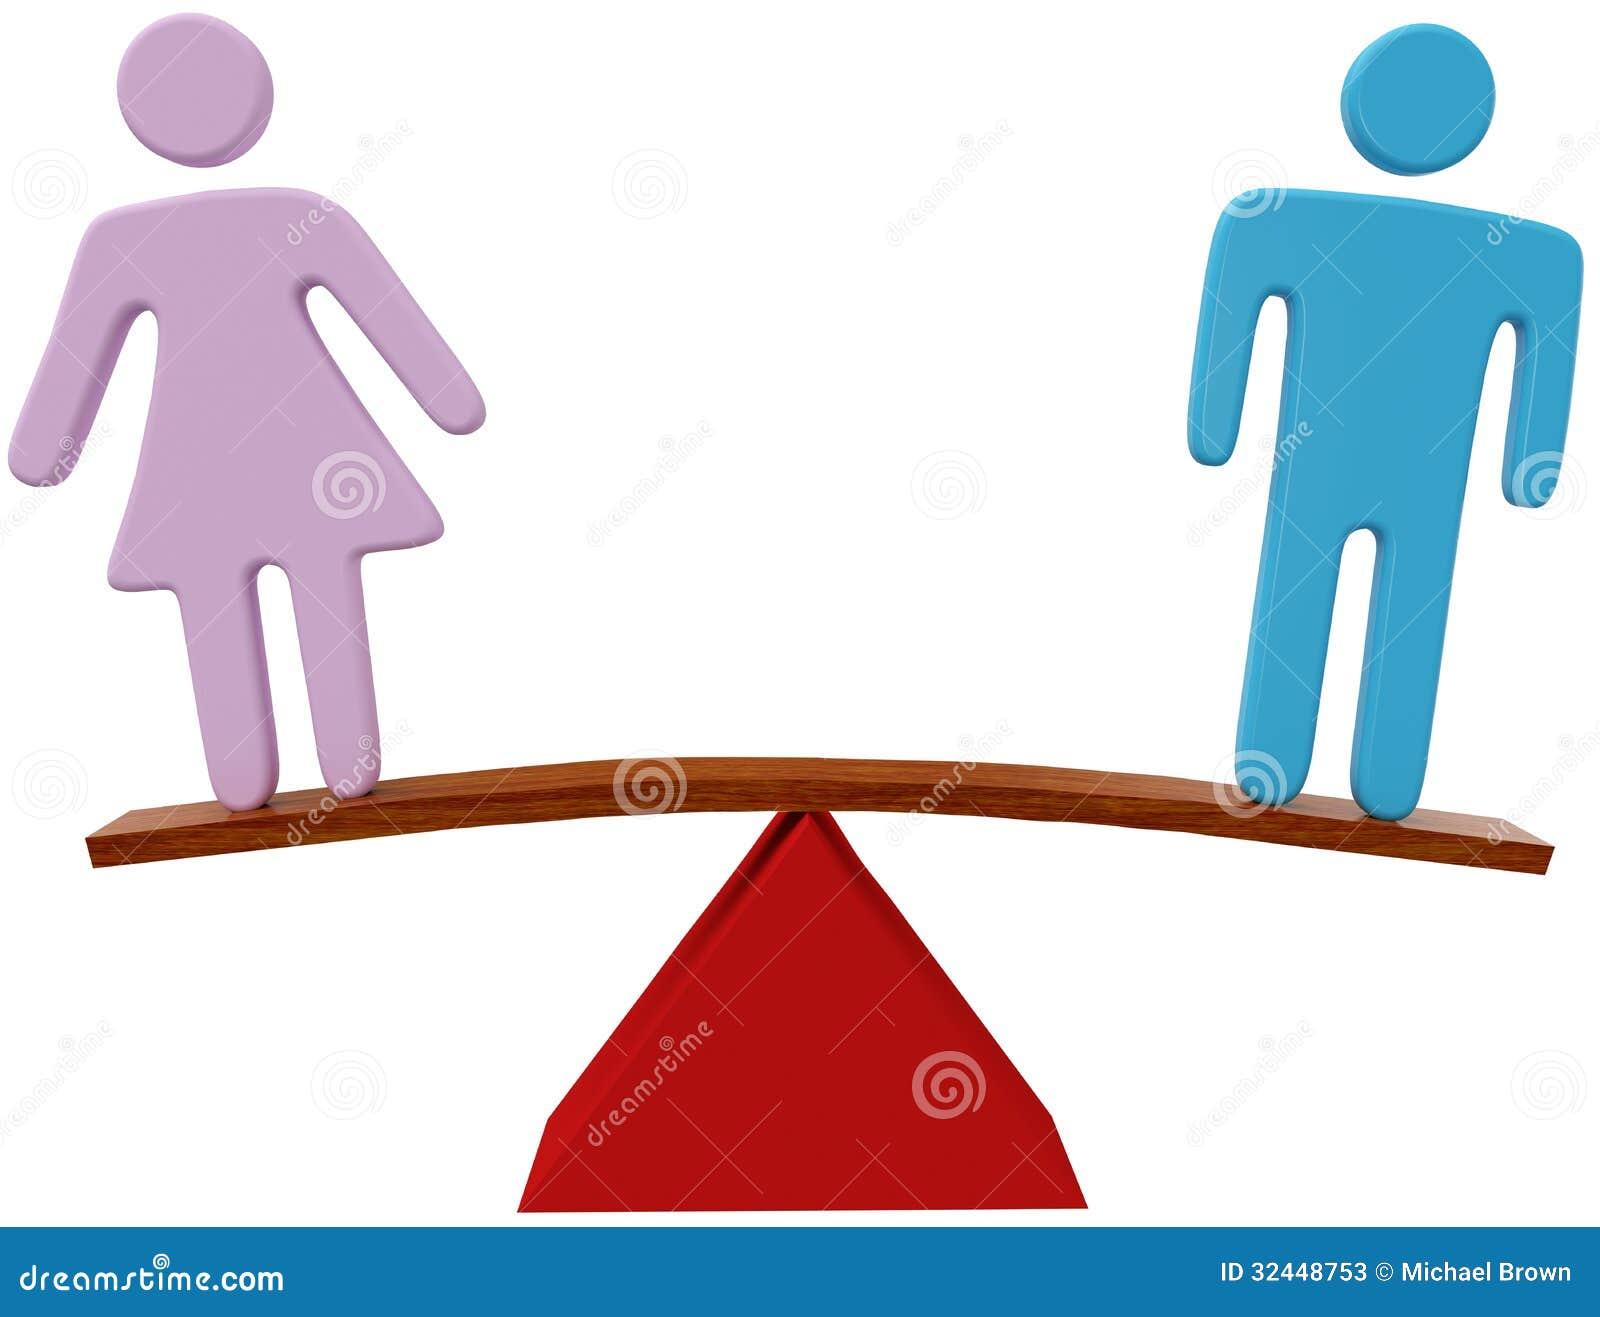 Resultado de imagen para fotos de la igualdad de la mujer